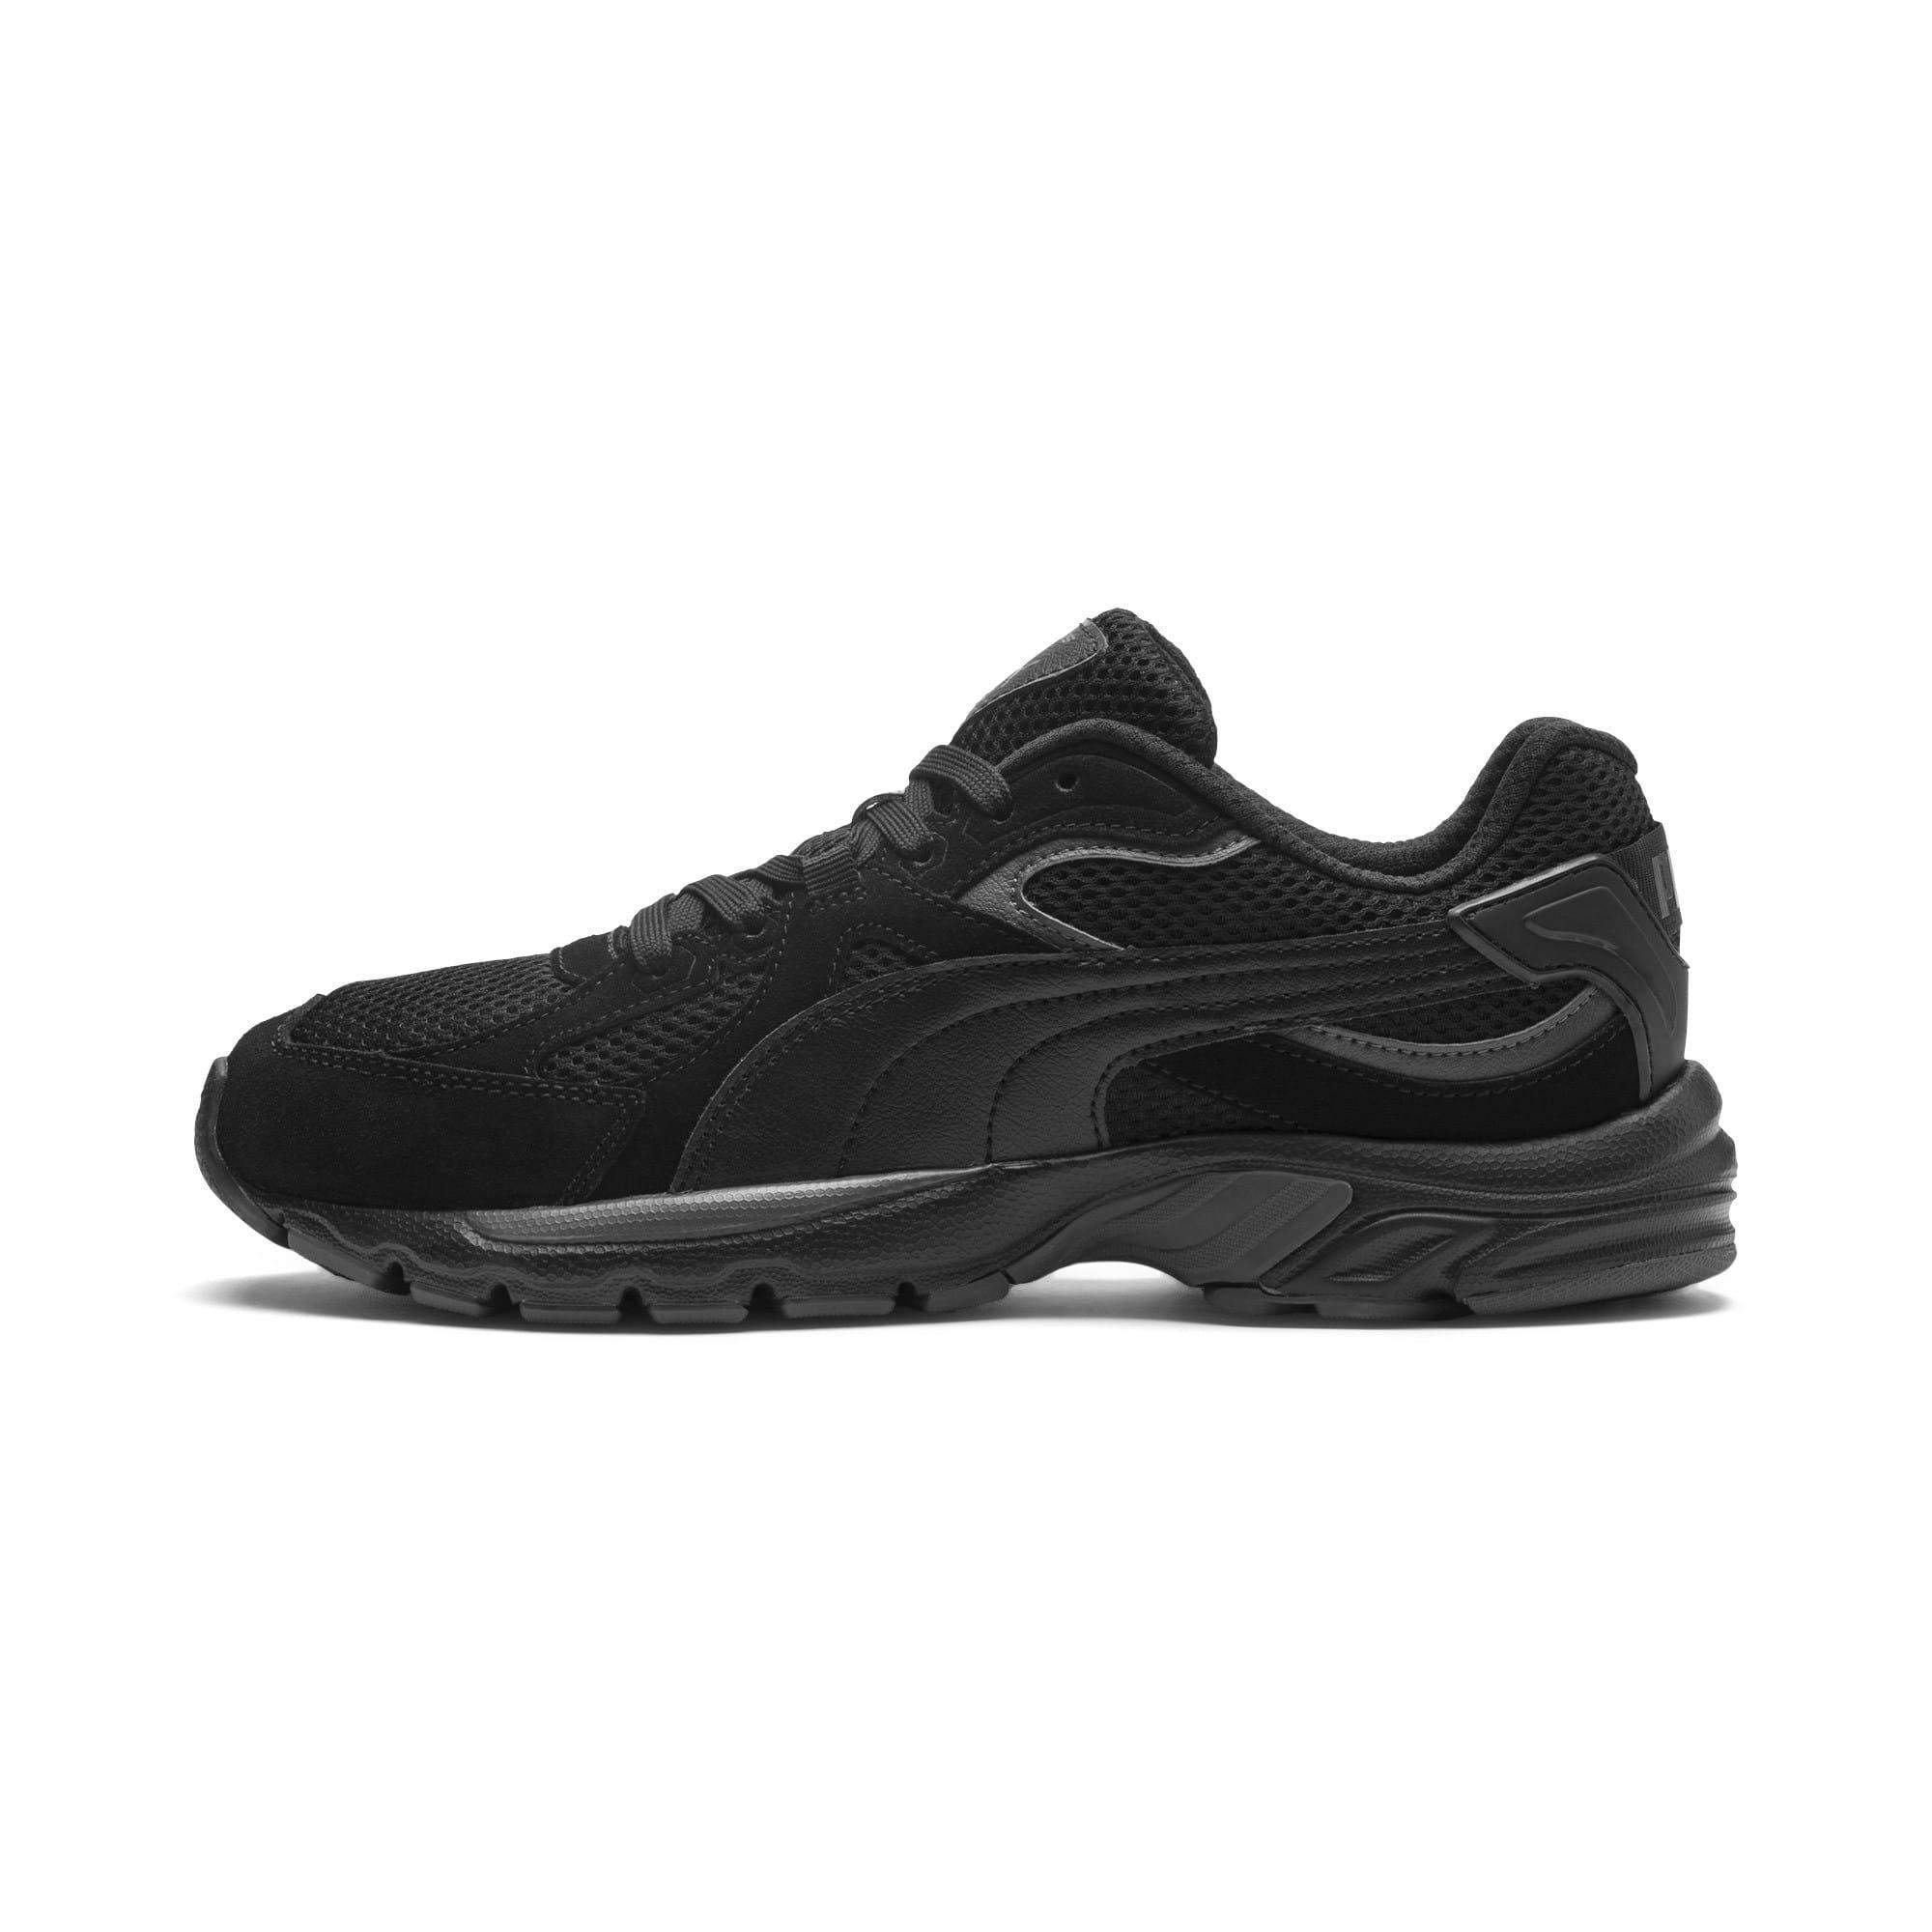 Miniatura 1 de Zapatos deportivos Axis Plus Suede, Black-Black-Asphalt, mediano